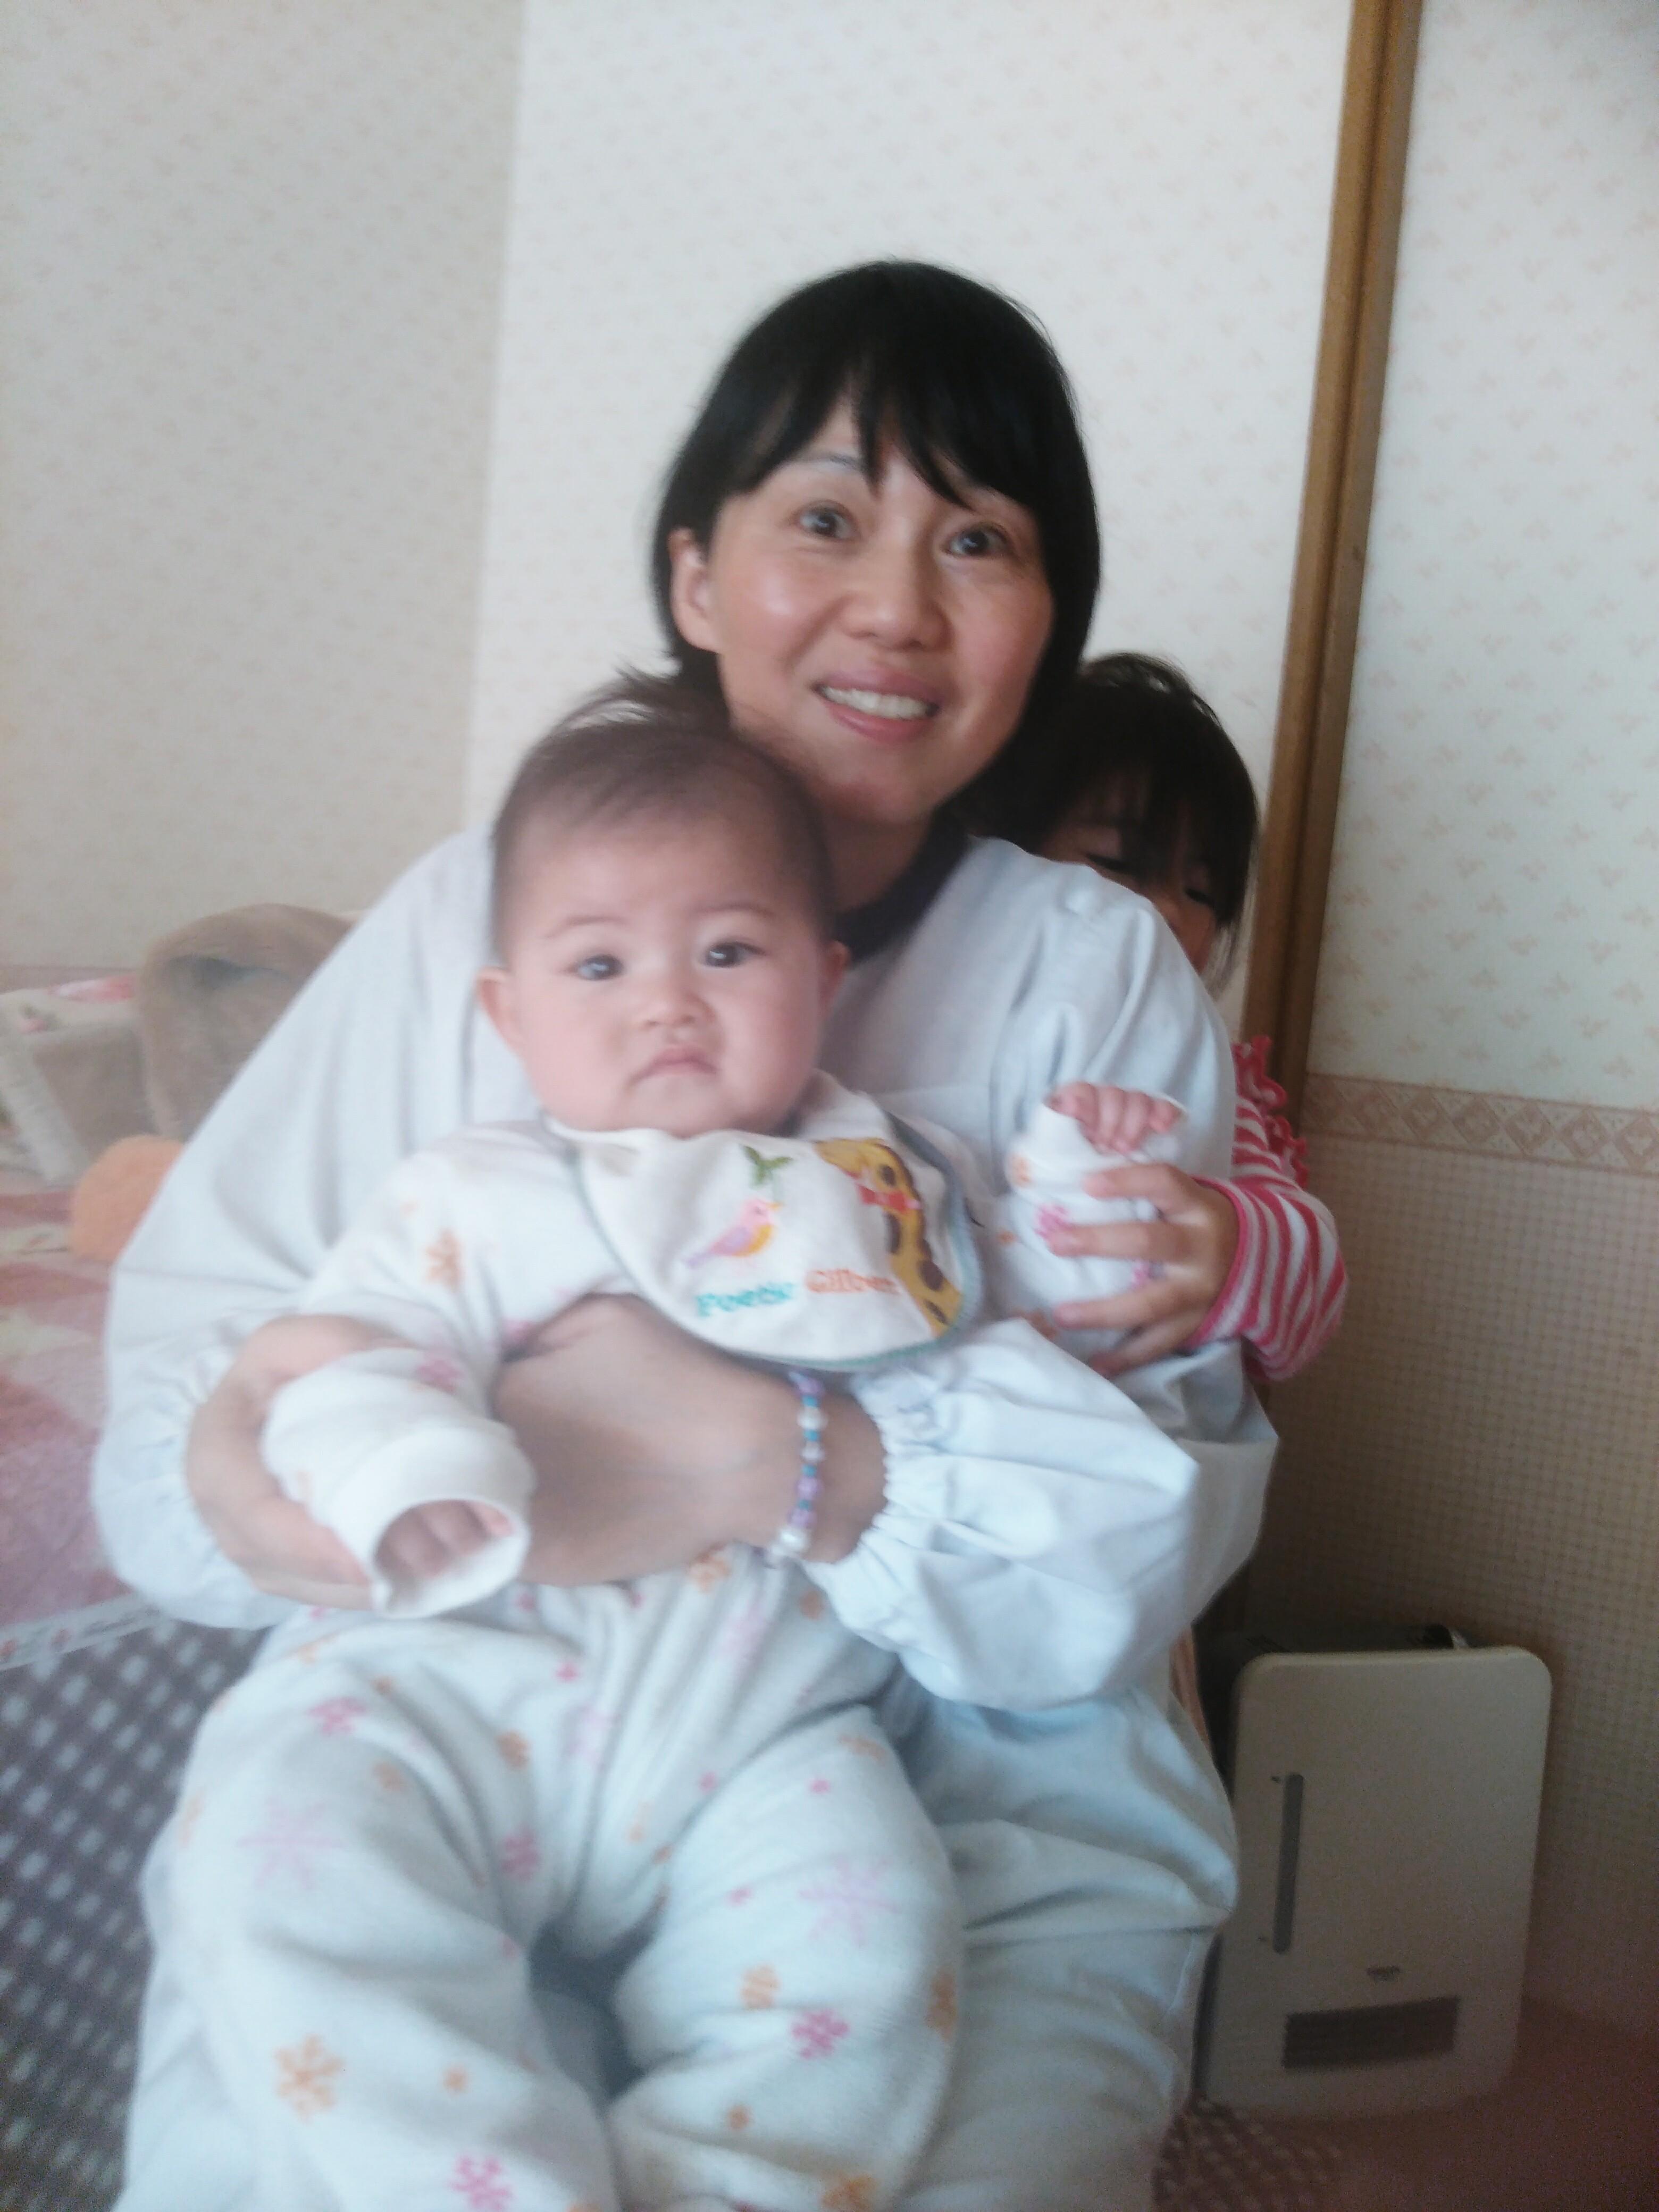 助産師として、母乳育児でお母さんの成長に関われる喜び。